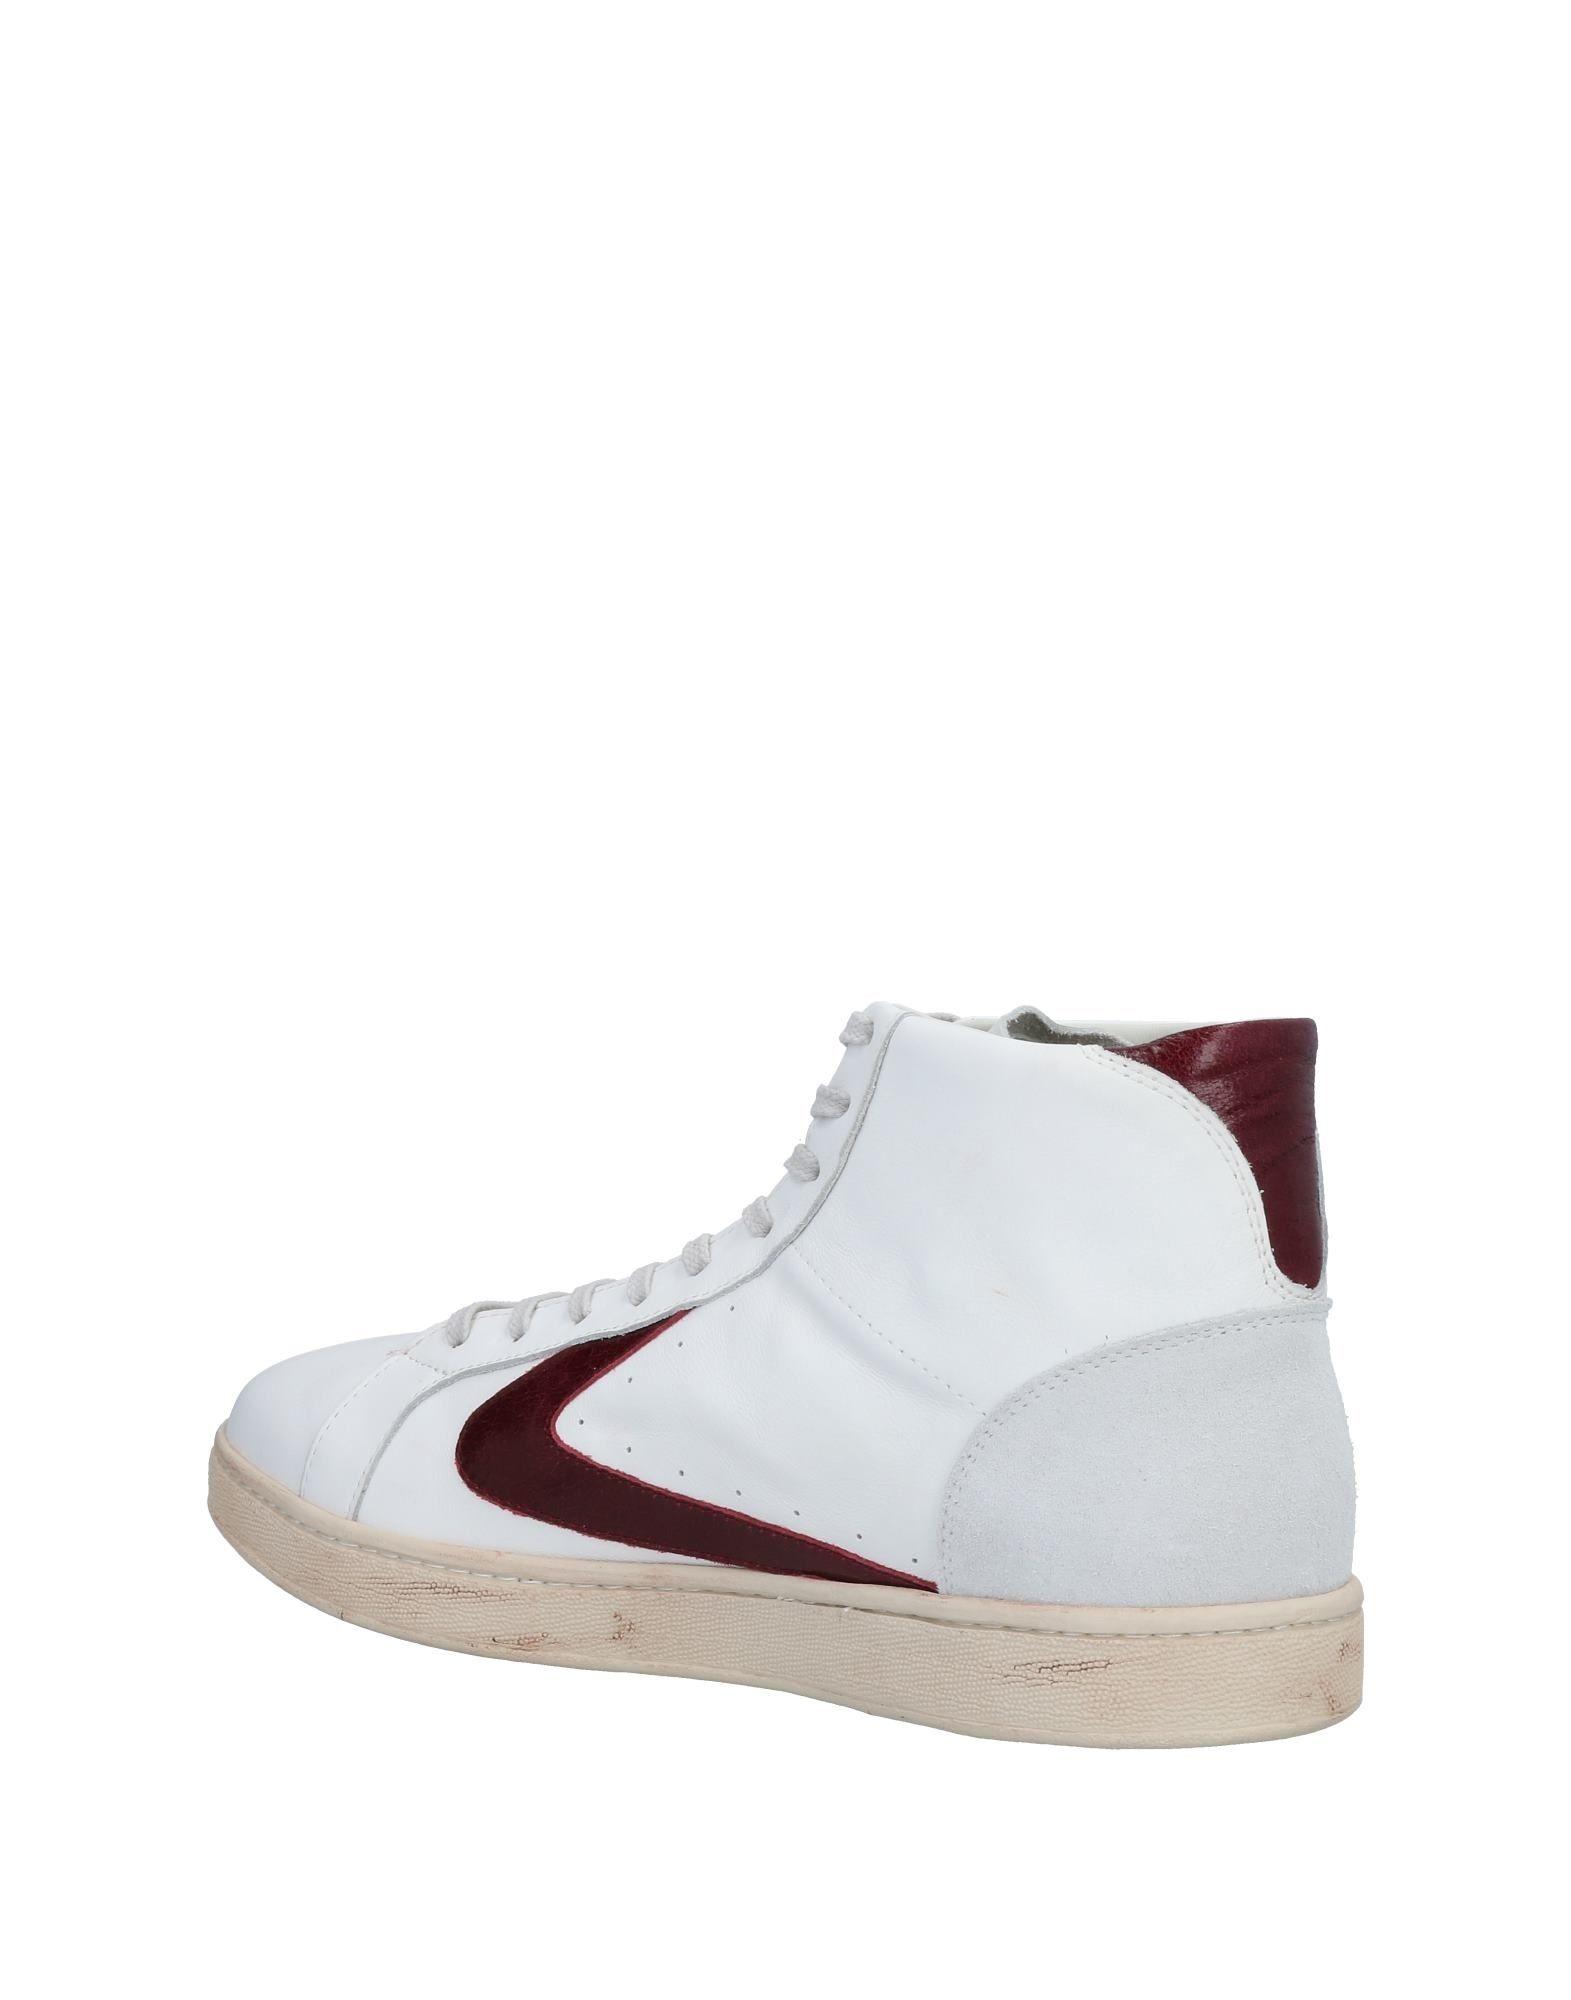 Rabatt echte Schuhe Valsport Sneakers Herren  11475402LL